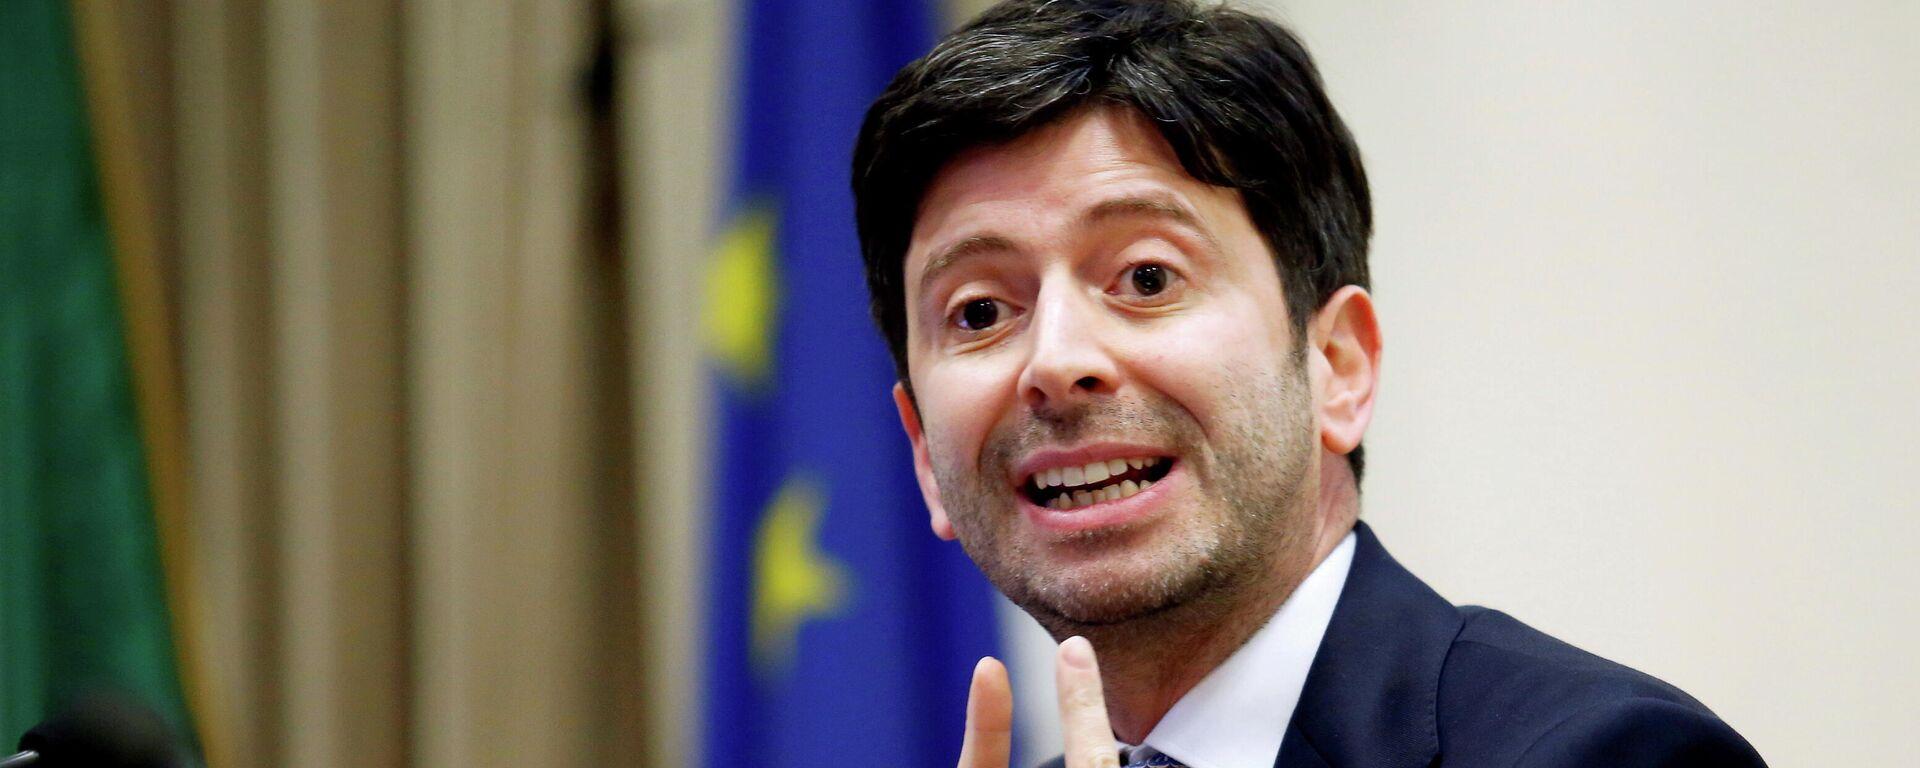 Roberto Speranza, ministro de Sanidad de Italia - Sputnik Mundo, 1920, 01.09.2021